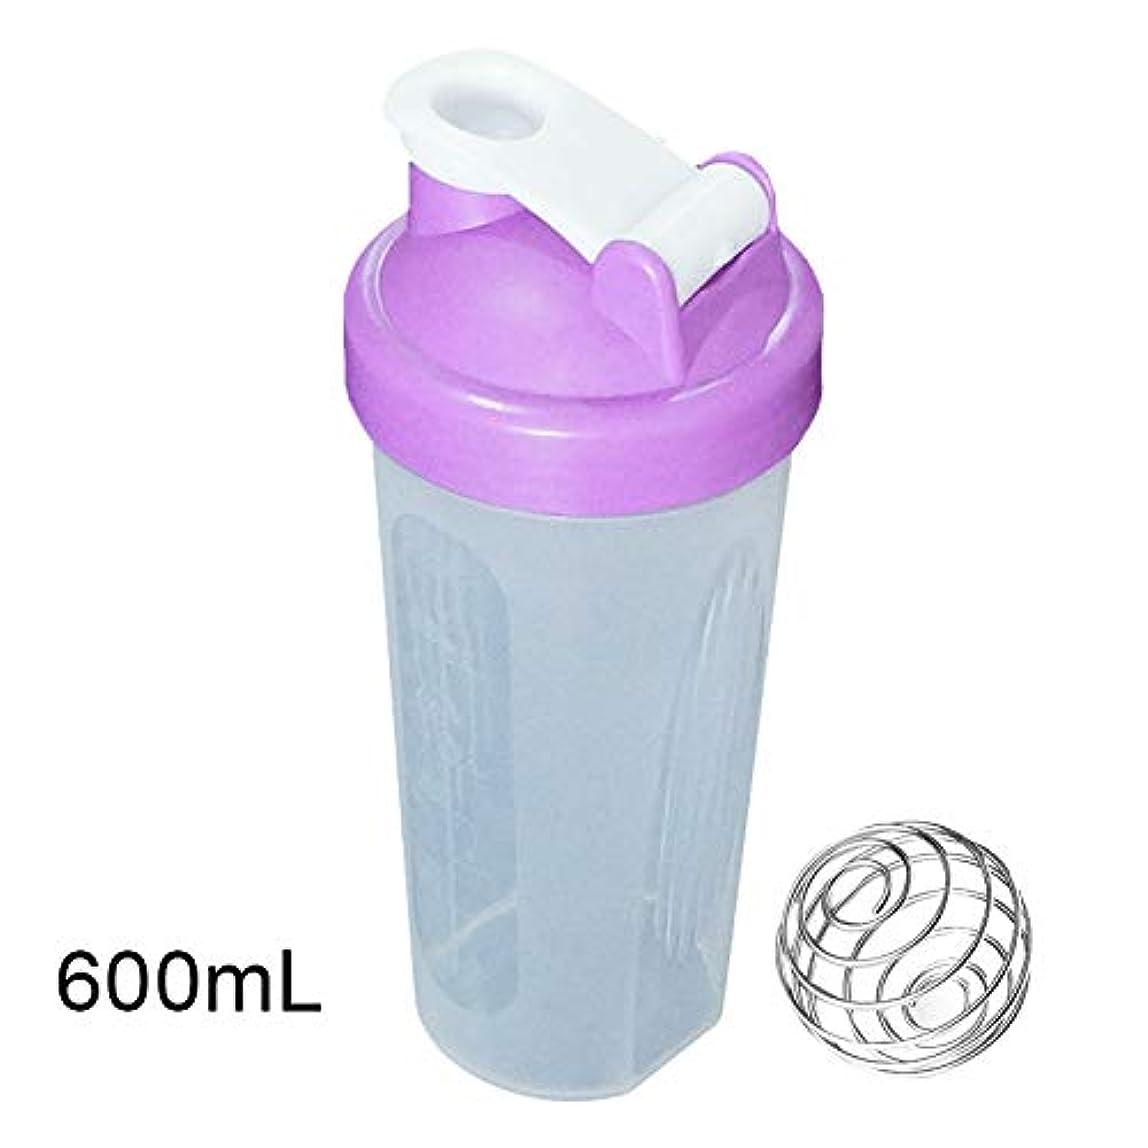 アドバンテージボックス親指SweetiChic シェイクザカップ 400/600ミリリットル プロテインパウダーミキシングカップ 封印 漏れ防止 シェイクボトル攪拌ボール プロテインパウダーミキシング 飲料水ジュース用